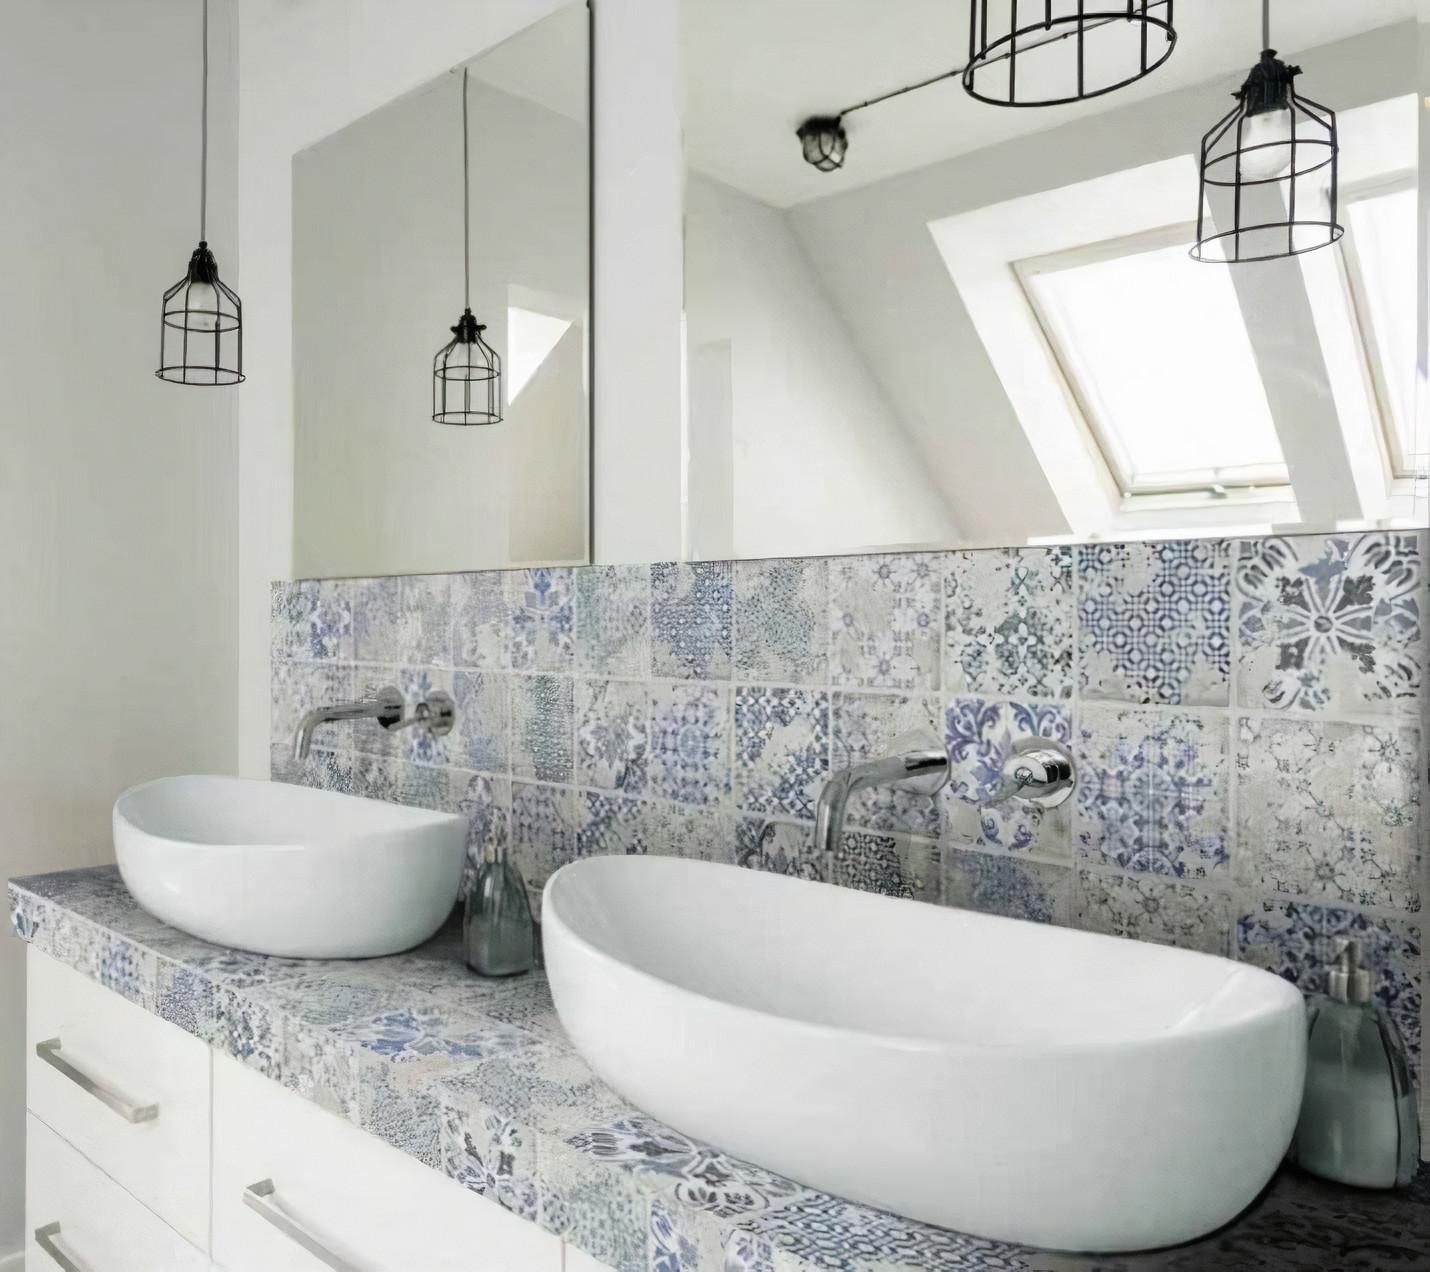 azulejos-vintage-bano-dune-decor-prato-1